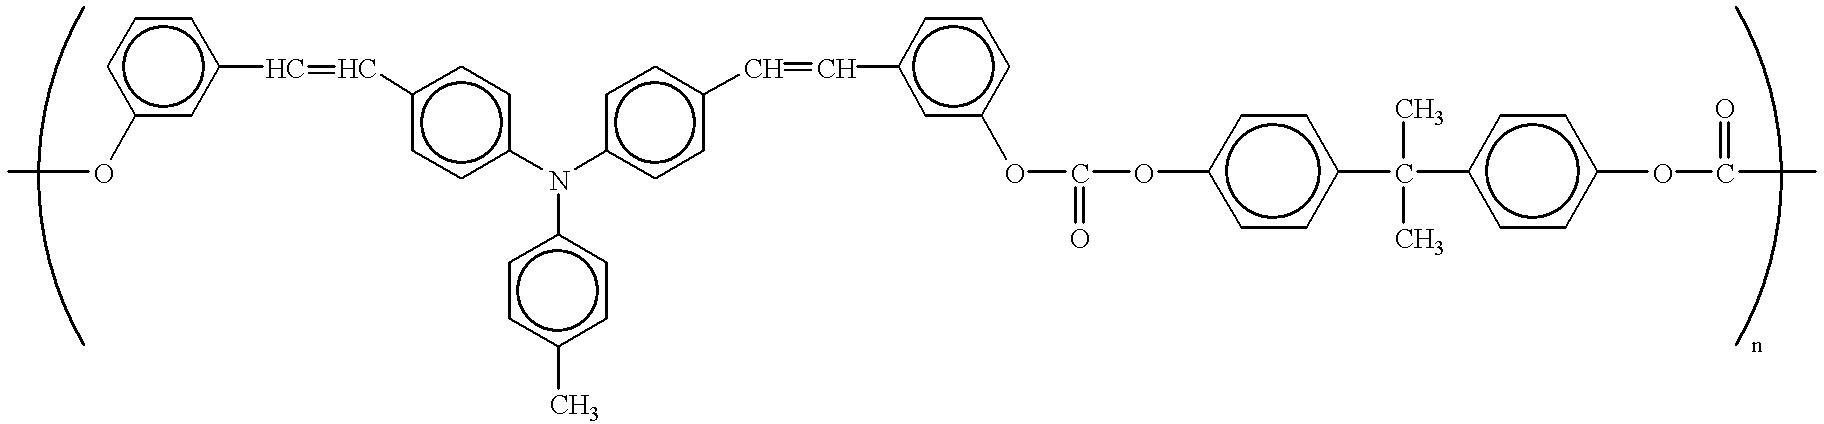 Figure US06558863-20030506-C00077